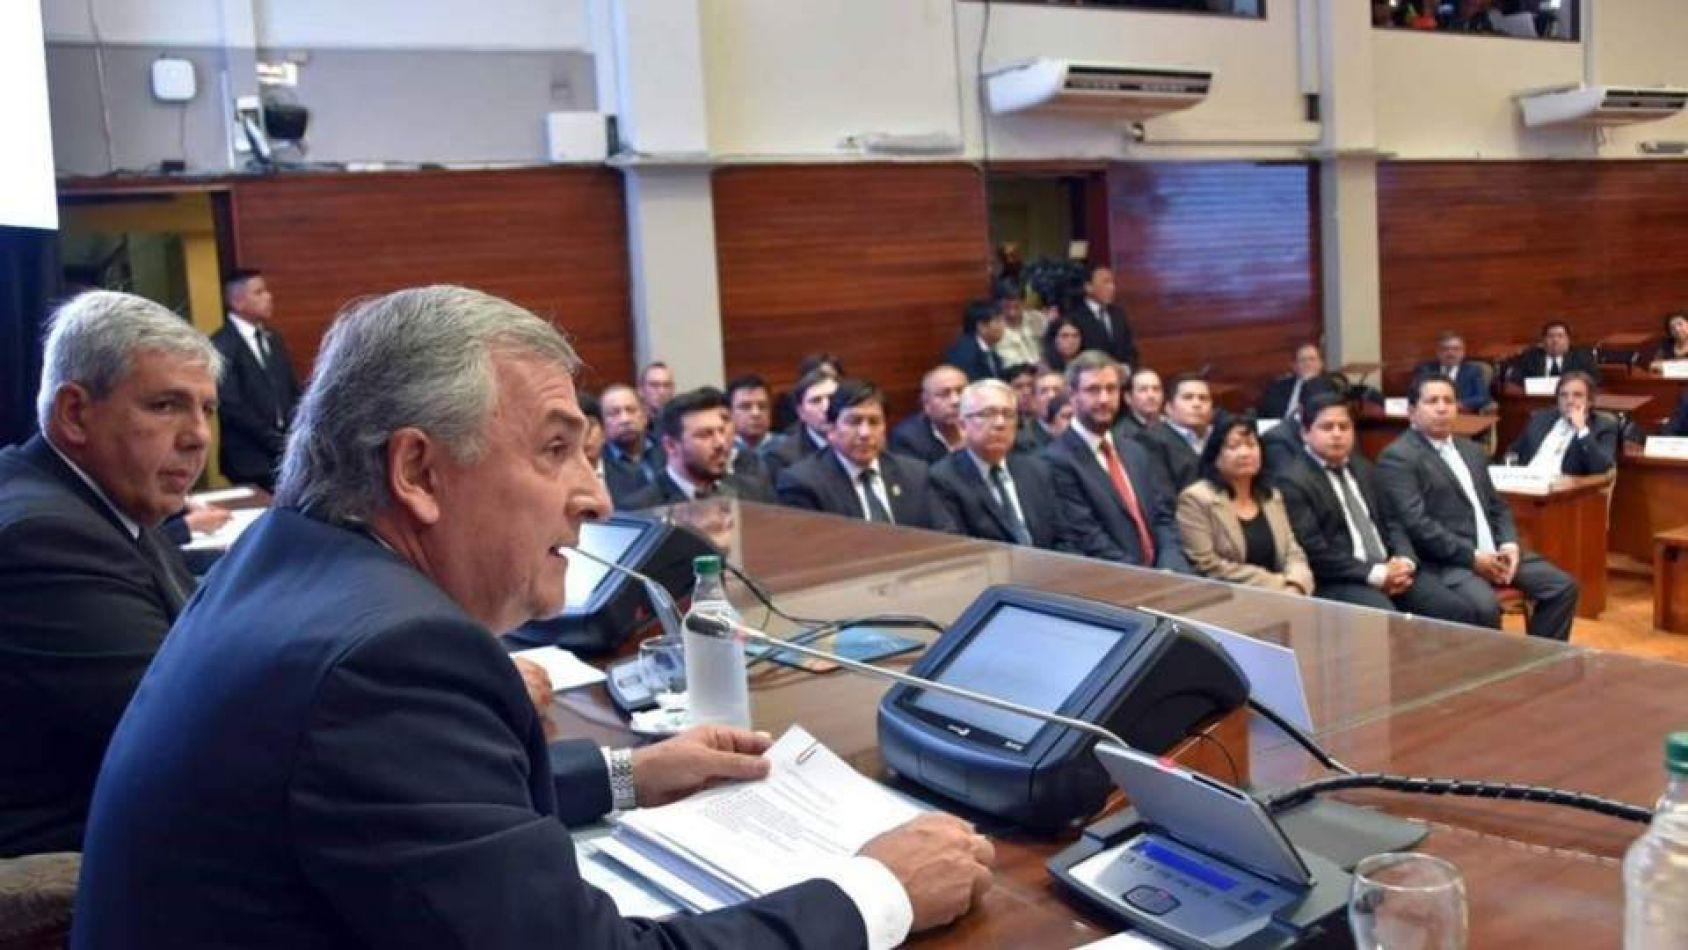 Morales pide a la legislatura más deuda: 22 millones de dólares y 1500 millones de pesos